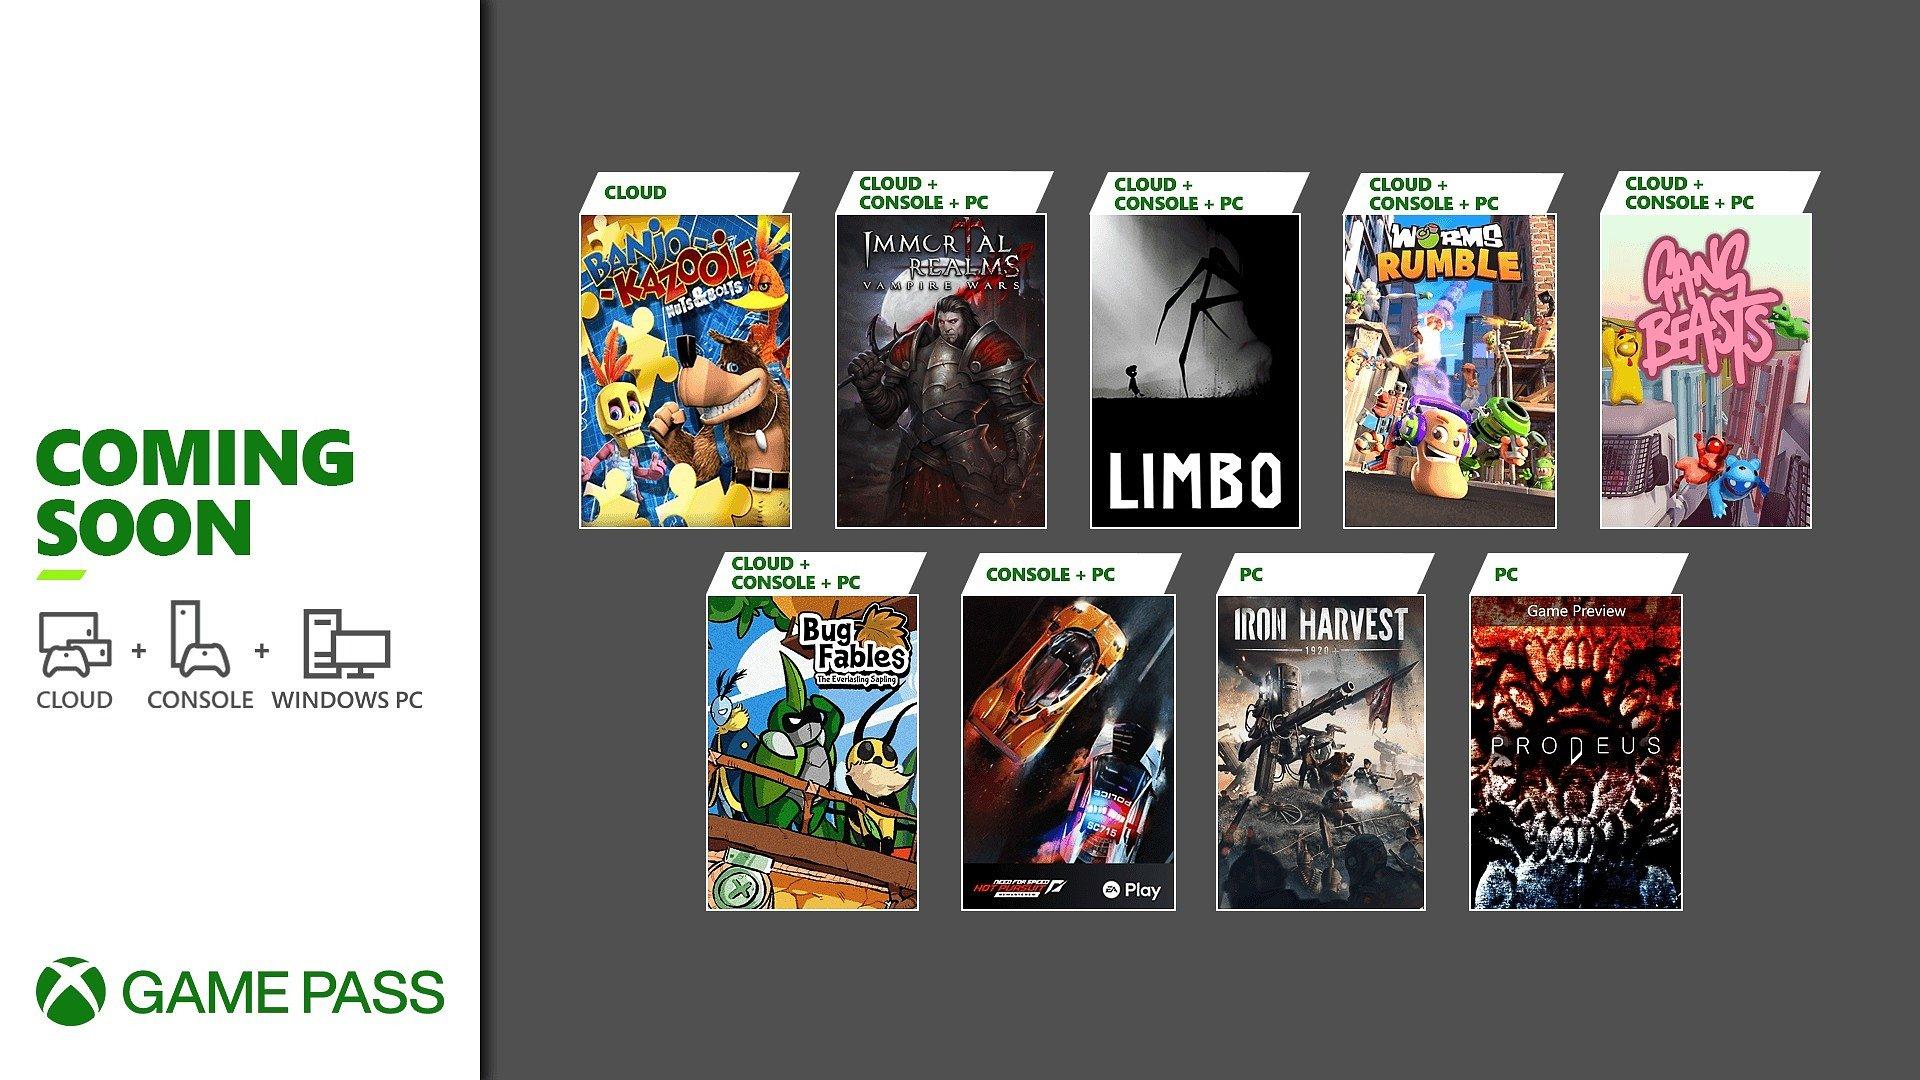 Em breve no Xbox Game Pass: Gang Beasts, Limbo, Prodeus e muito mais